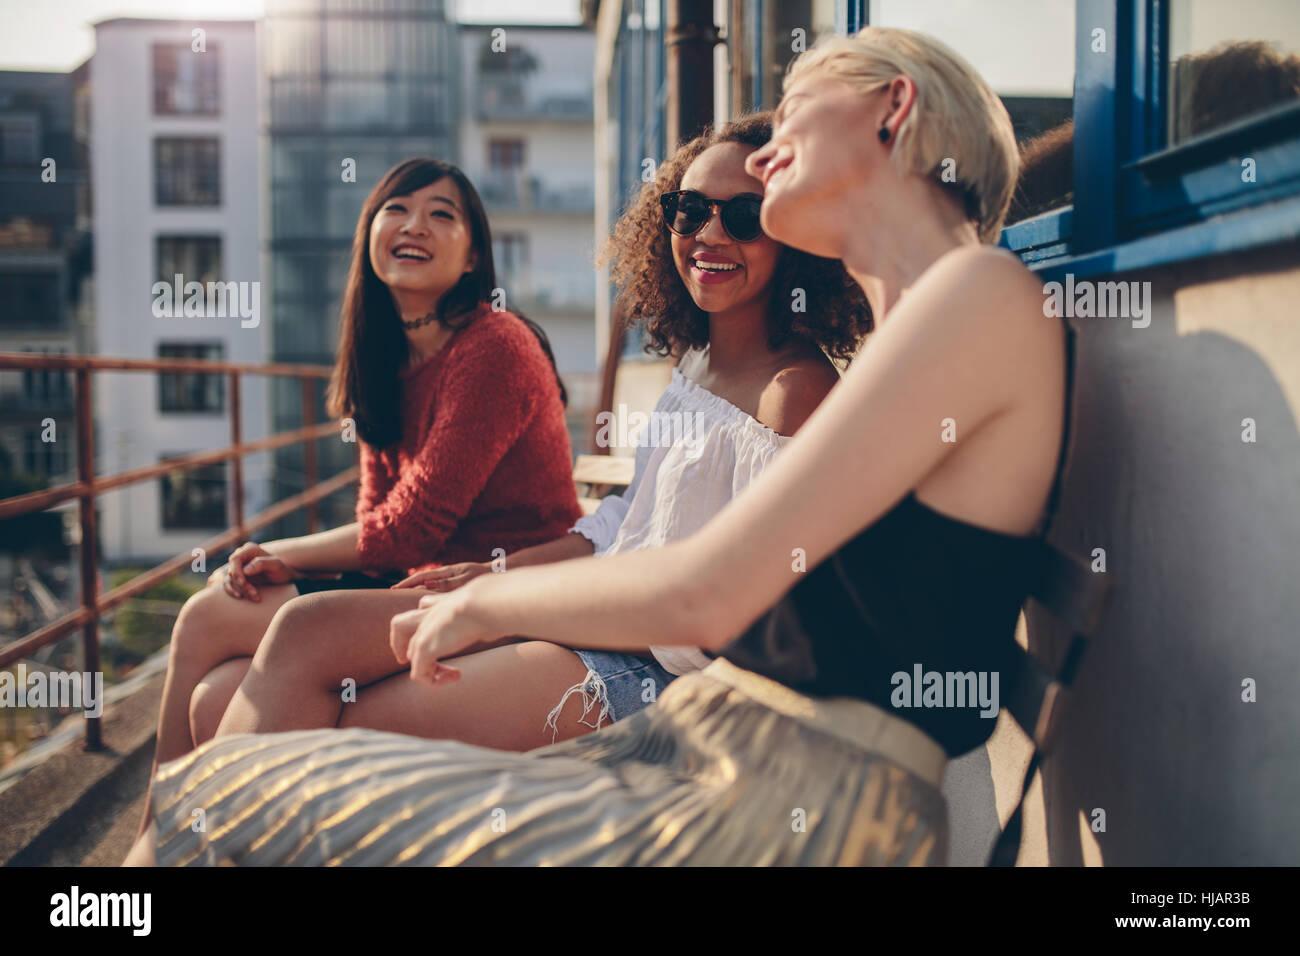 Tres amigas jóvenes sentados en el balcón y la diversión. Las mujeres relajarse al aire libre y conversando. Imagen De Stock